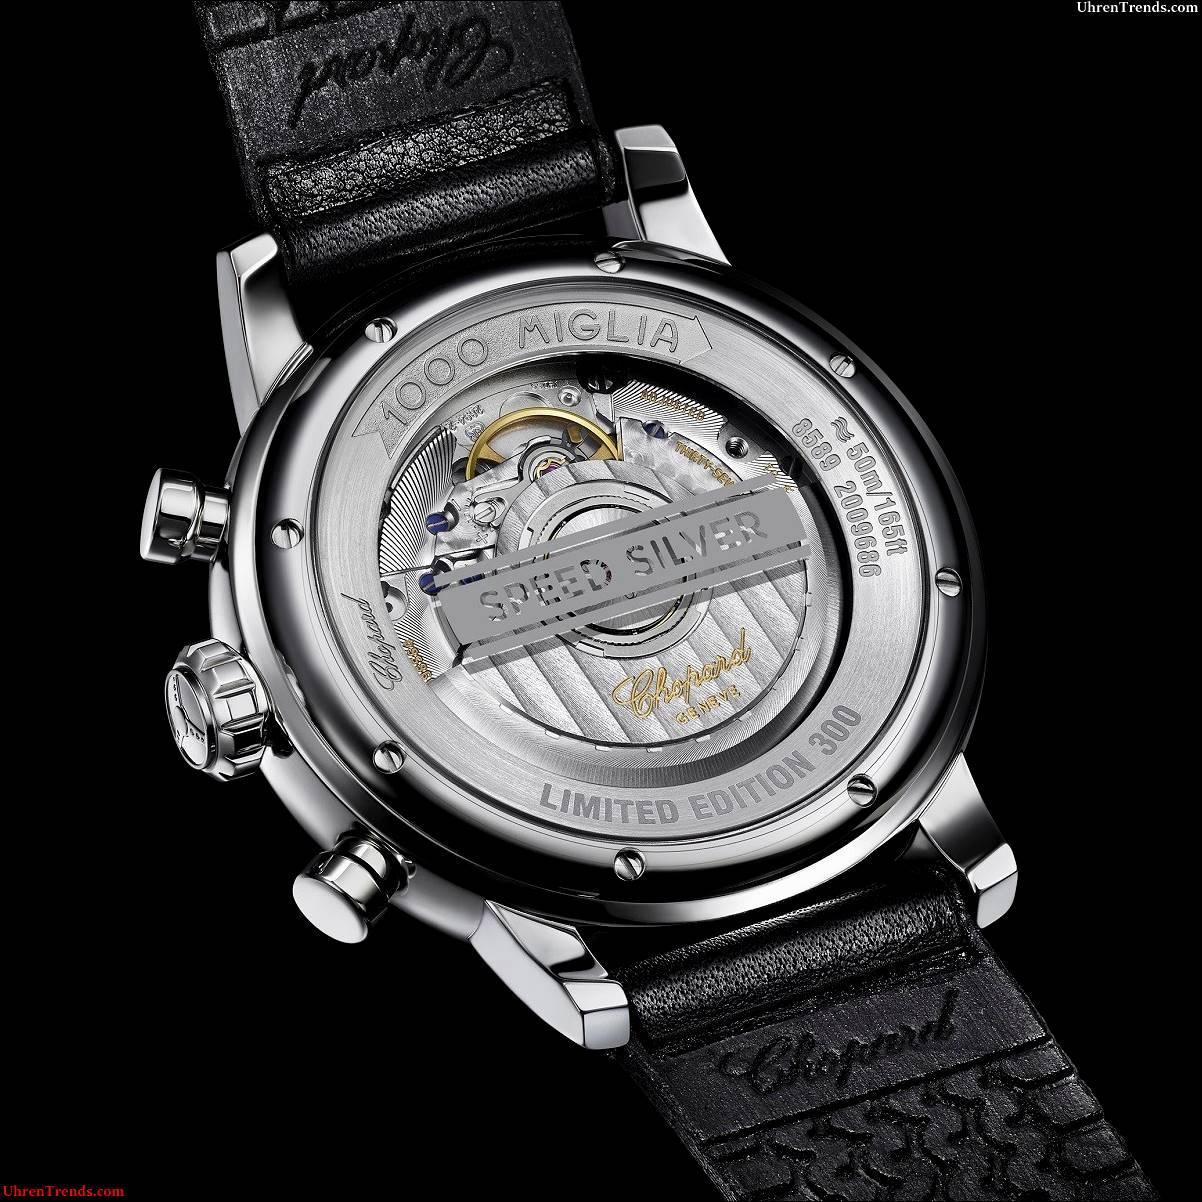 Chopard Mille Miglia 'Racing Colours' Uhren in limitierter Auflage